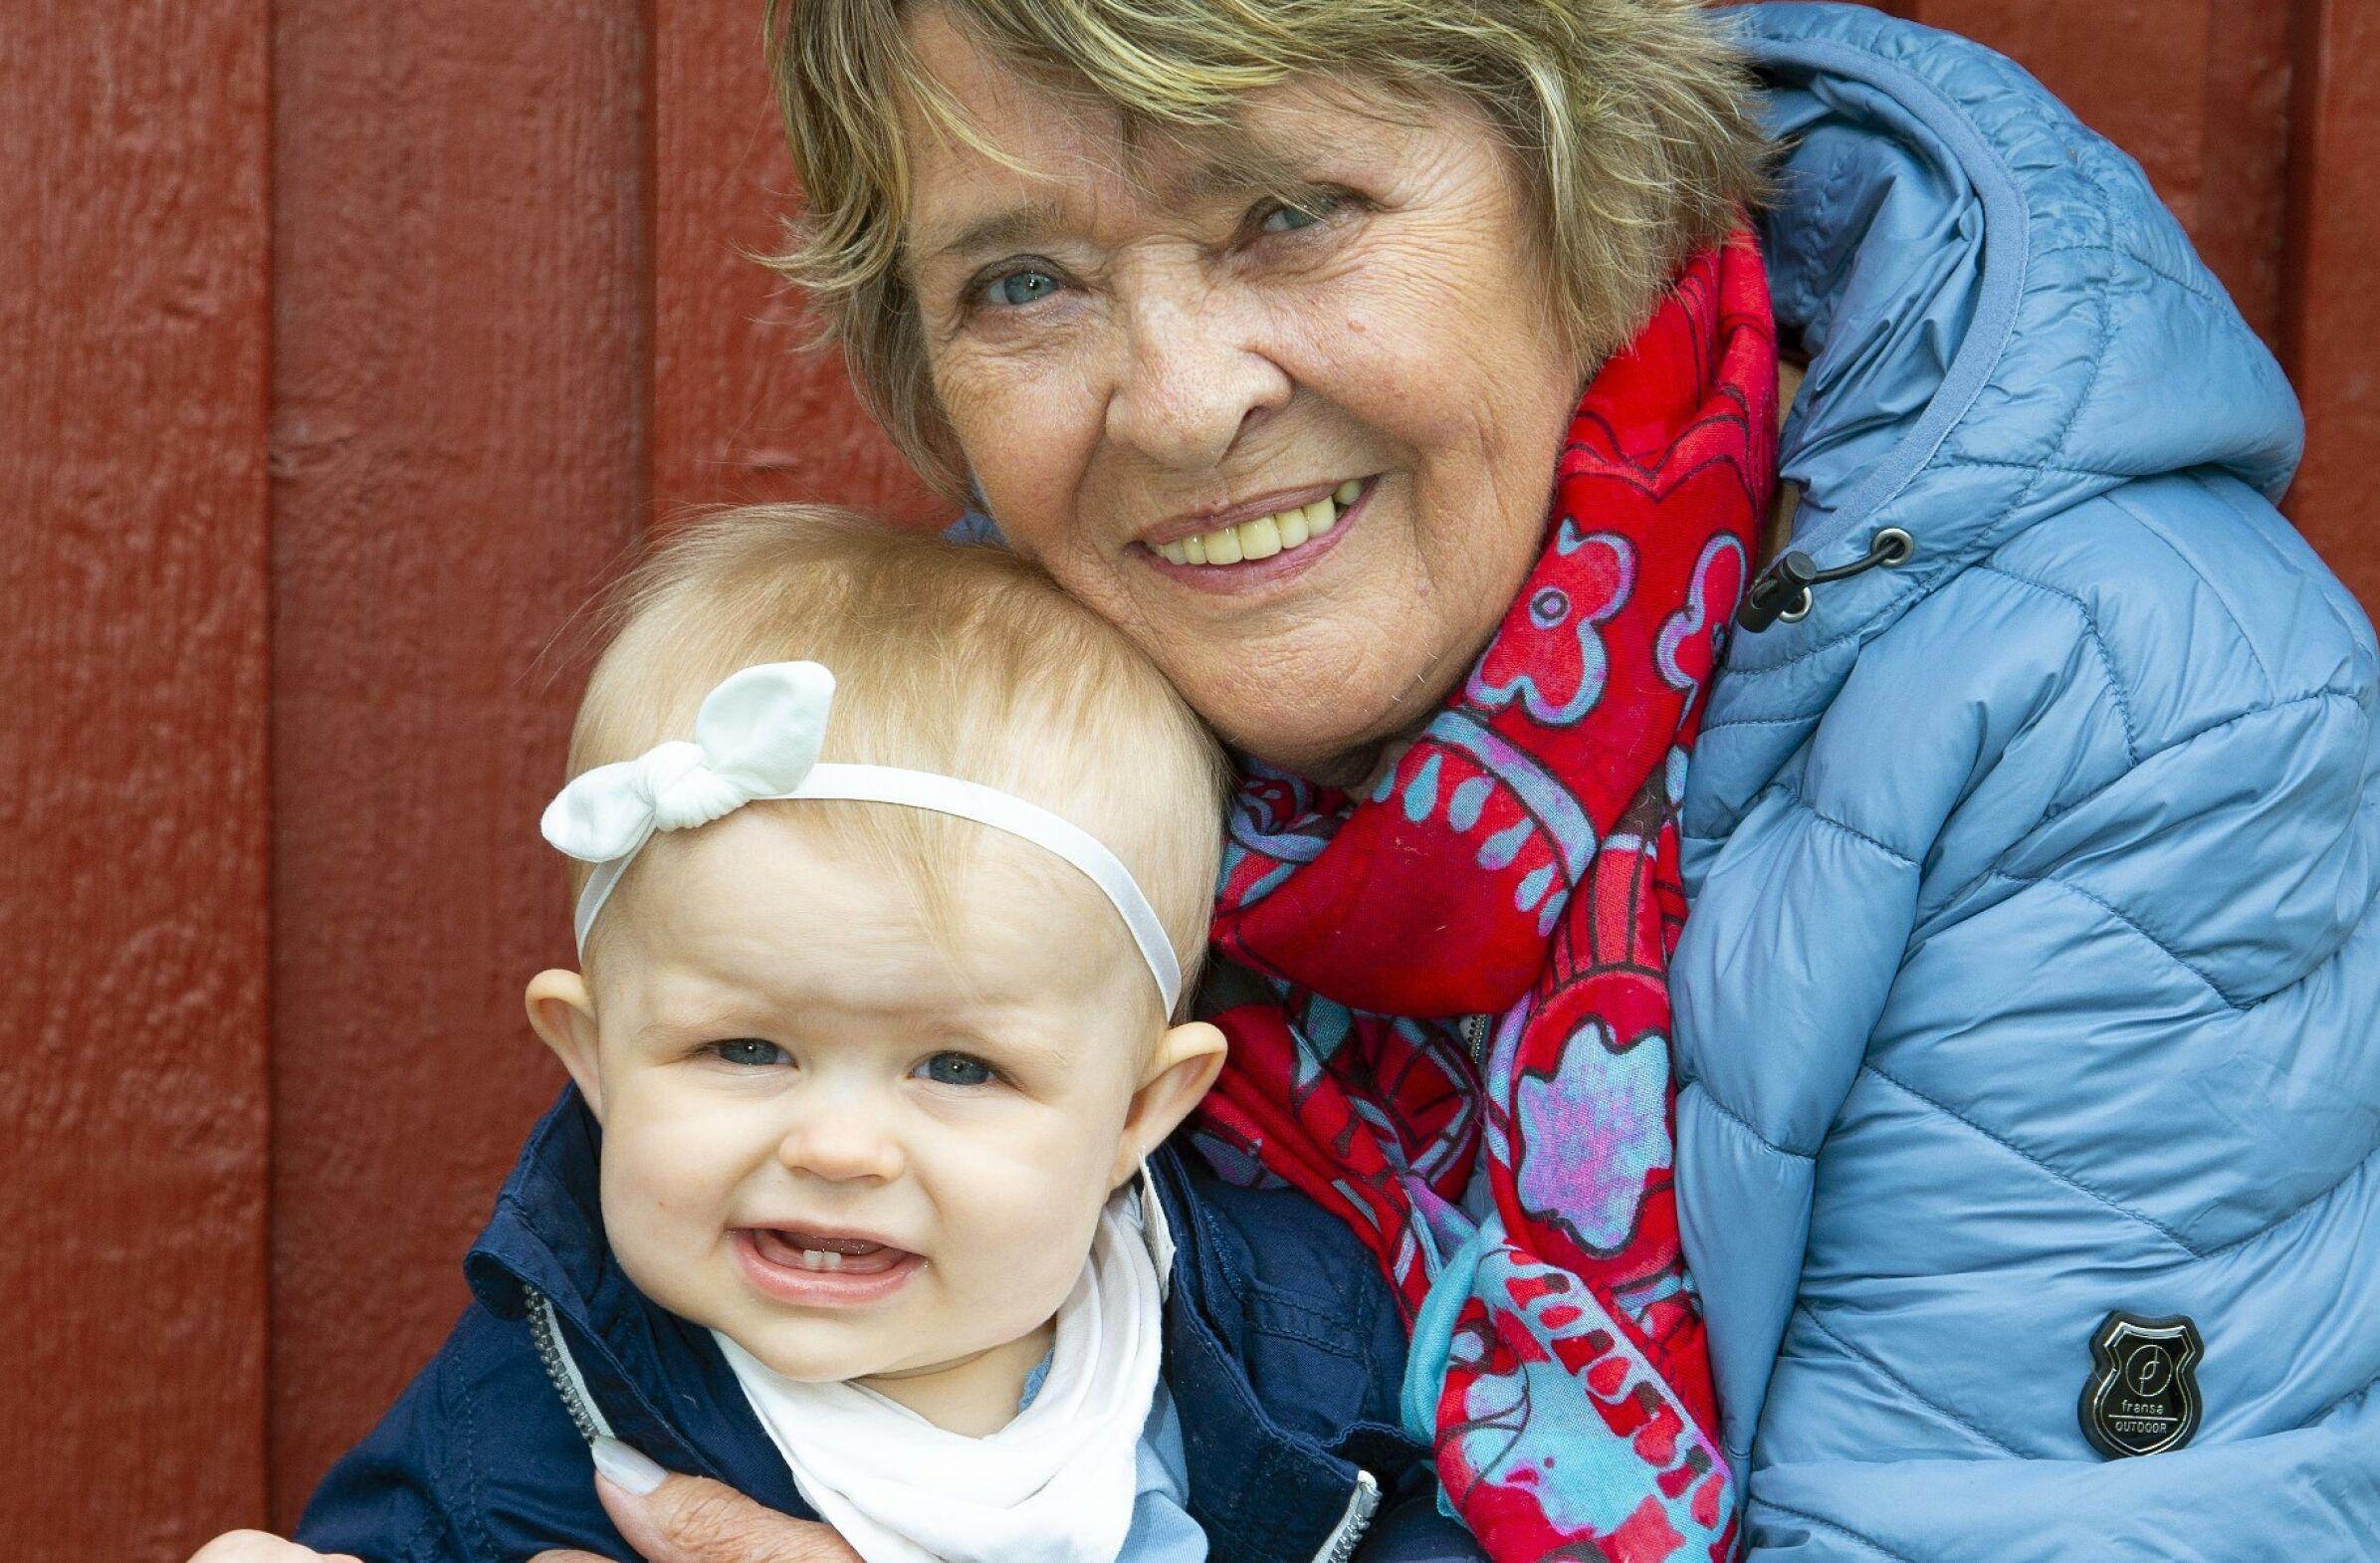 ALVORLIG SYK: Kirsti Sparboe kunne i år glede seg over å bli oldemor, men ting gikk ikke helt som planlagt. Lille Isabelle ble alvorlig syk etter fødselen. I Sverige satt en oldemor i uvisshet. FOTO: Tor Kvello